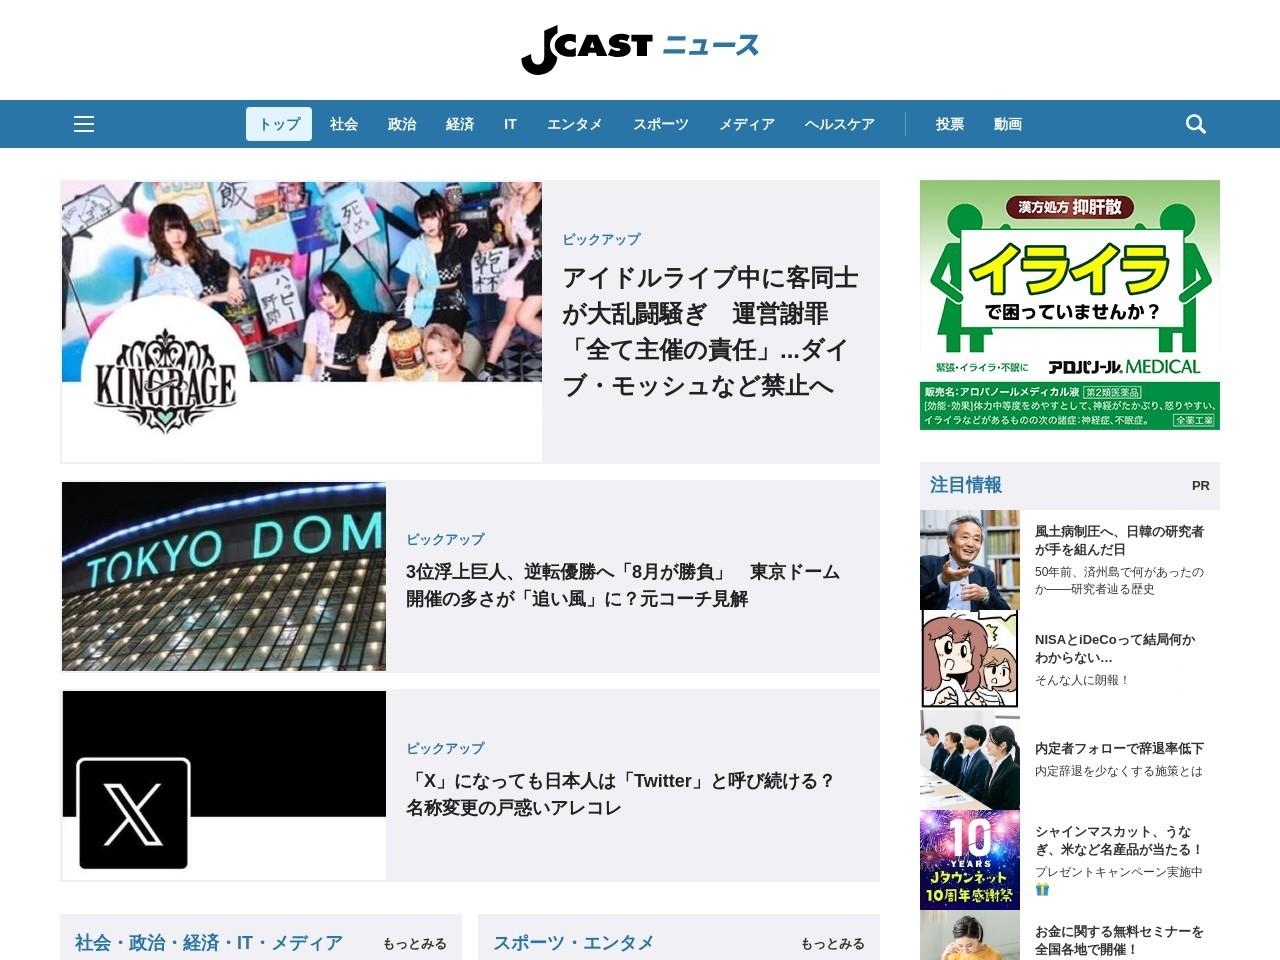 <このマンガがすごい!>(テレビ東京系) ゲスト俳優が大好きなマンガでトークして主役で実写化―コマの …